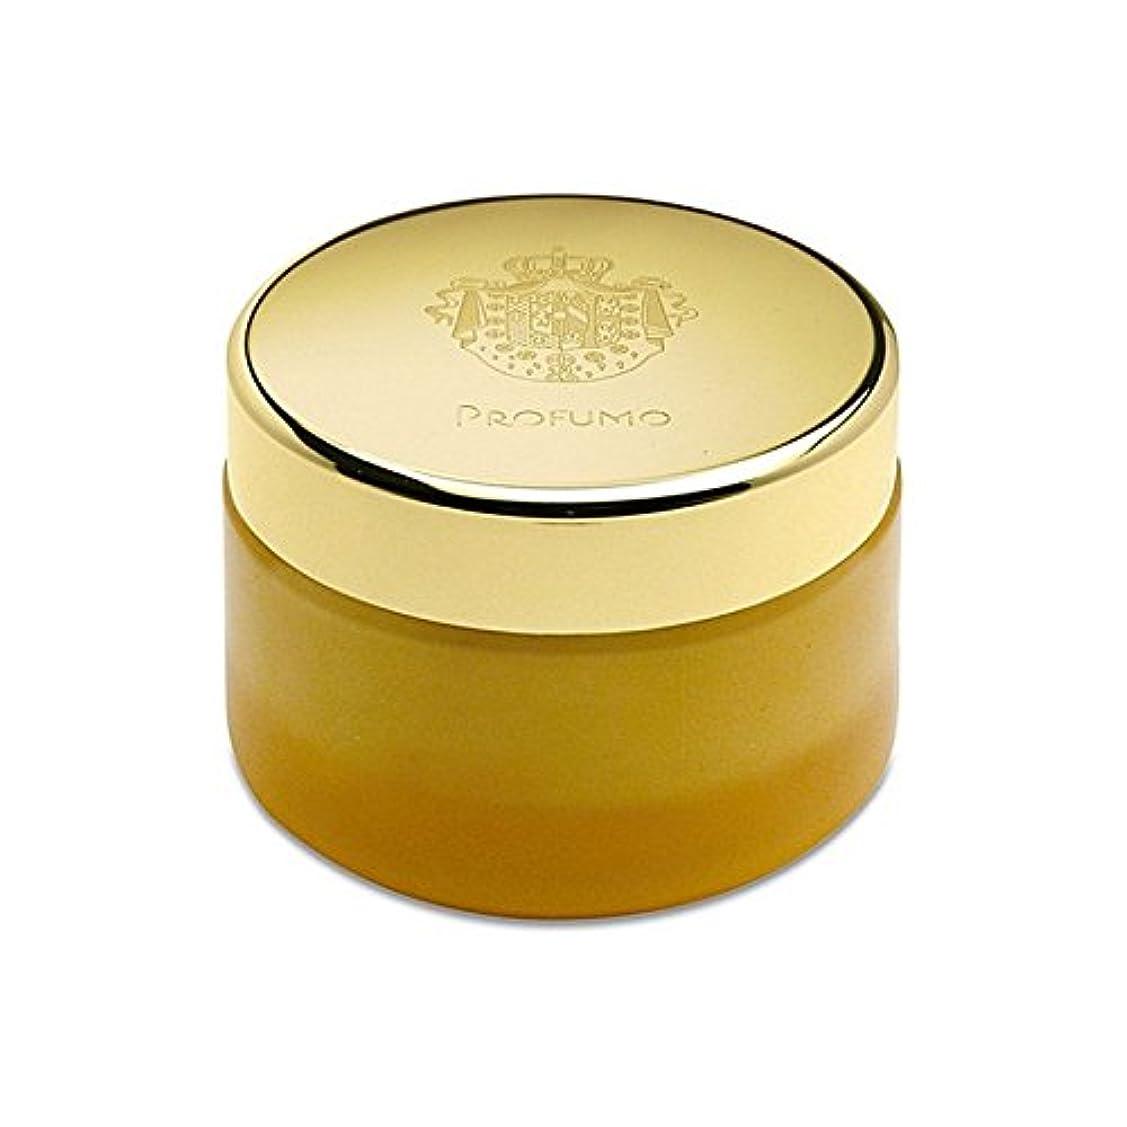 作る逆に見捨てるAcqua Di Parma Profumo Body Cream 200ml (Pack of 6) - アクアディパルマボディクリーム200ミリリットル x6 [並行輸入品]